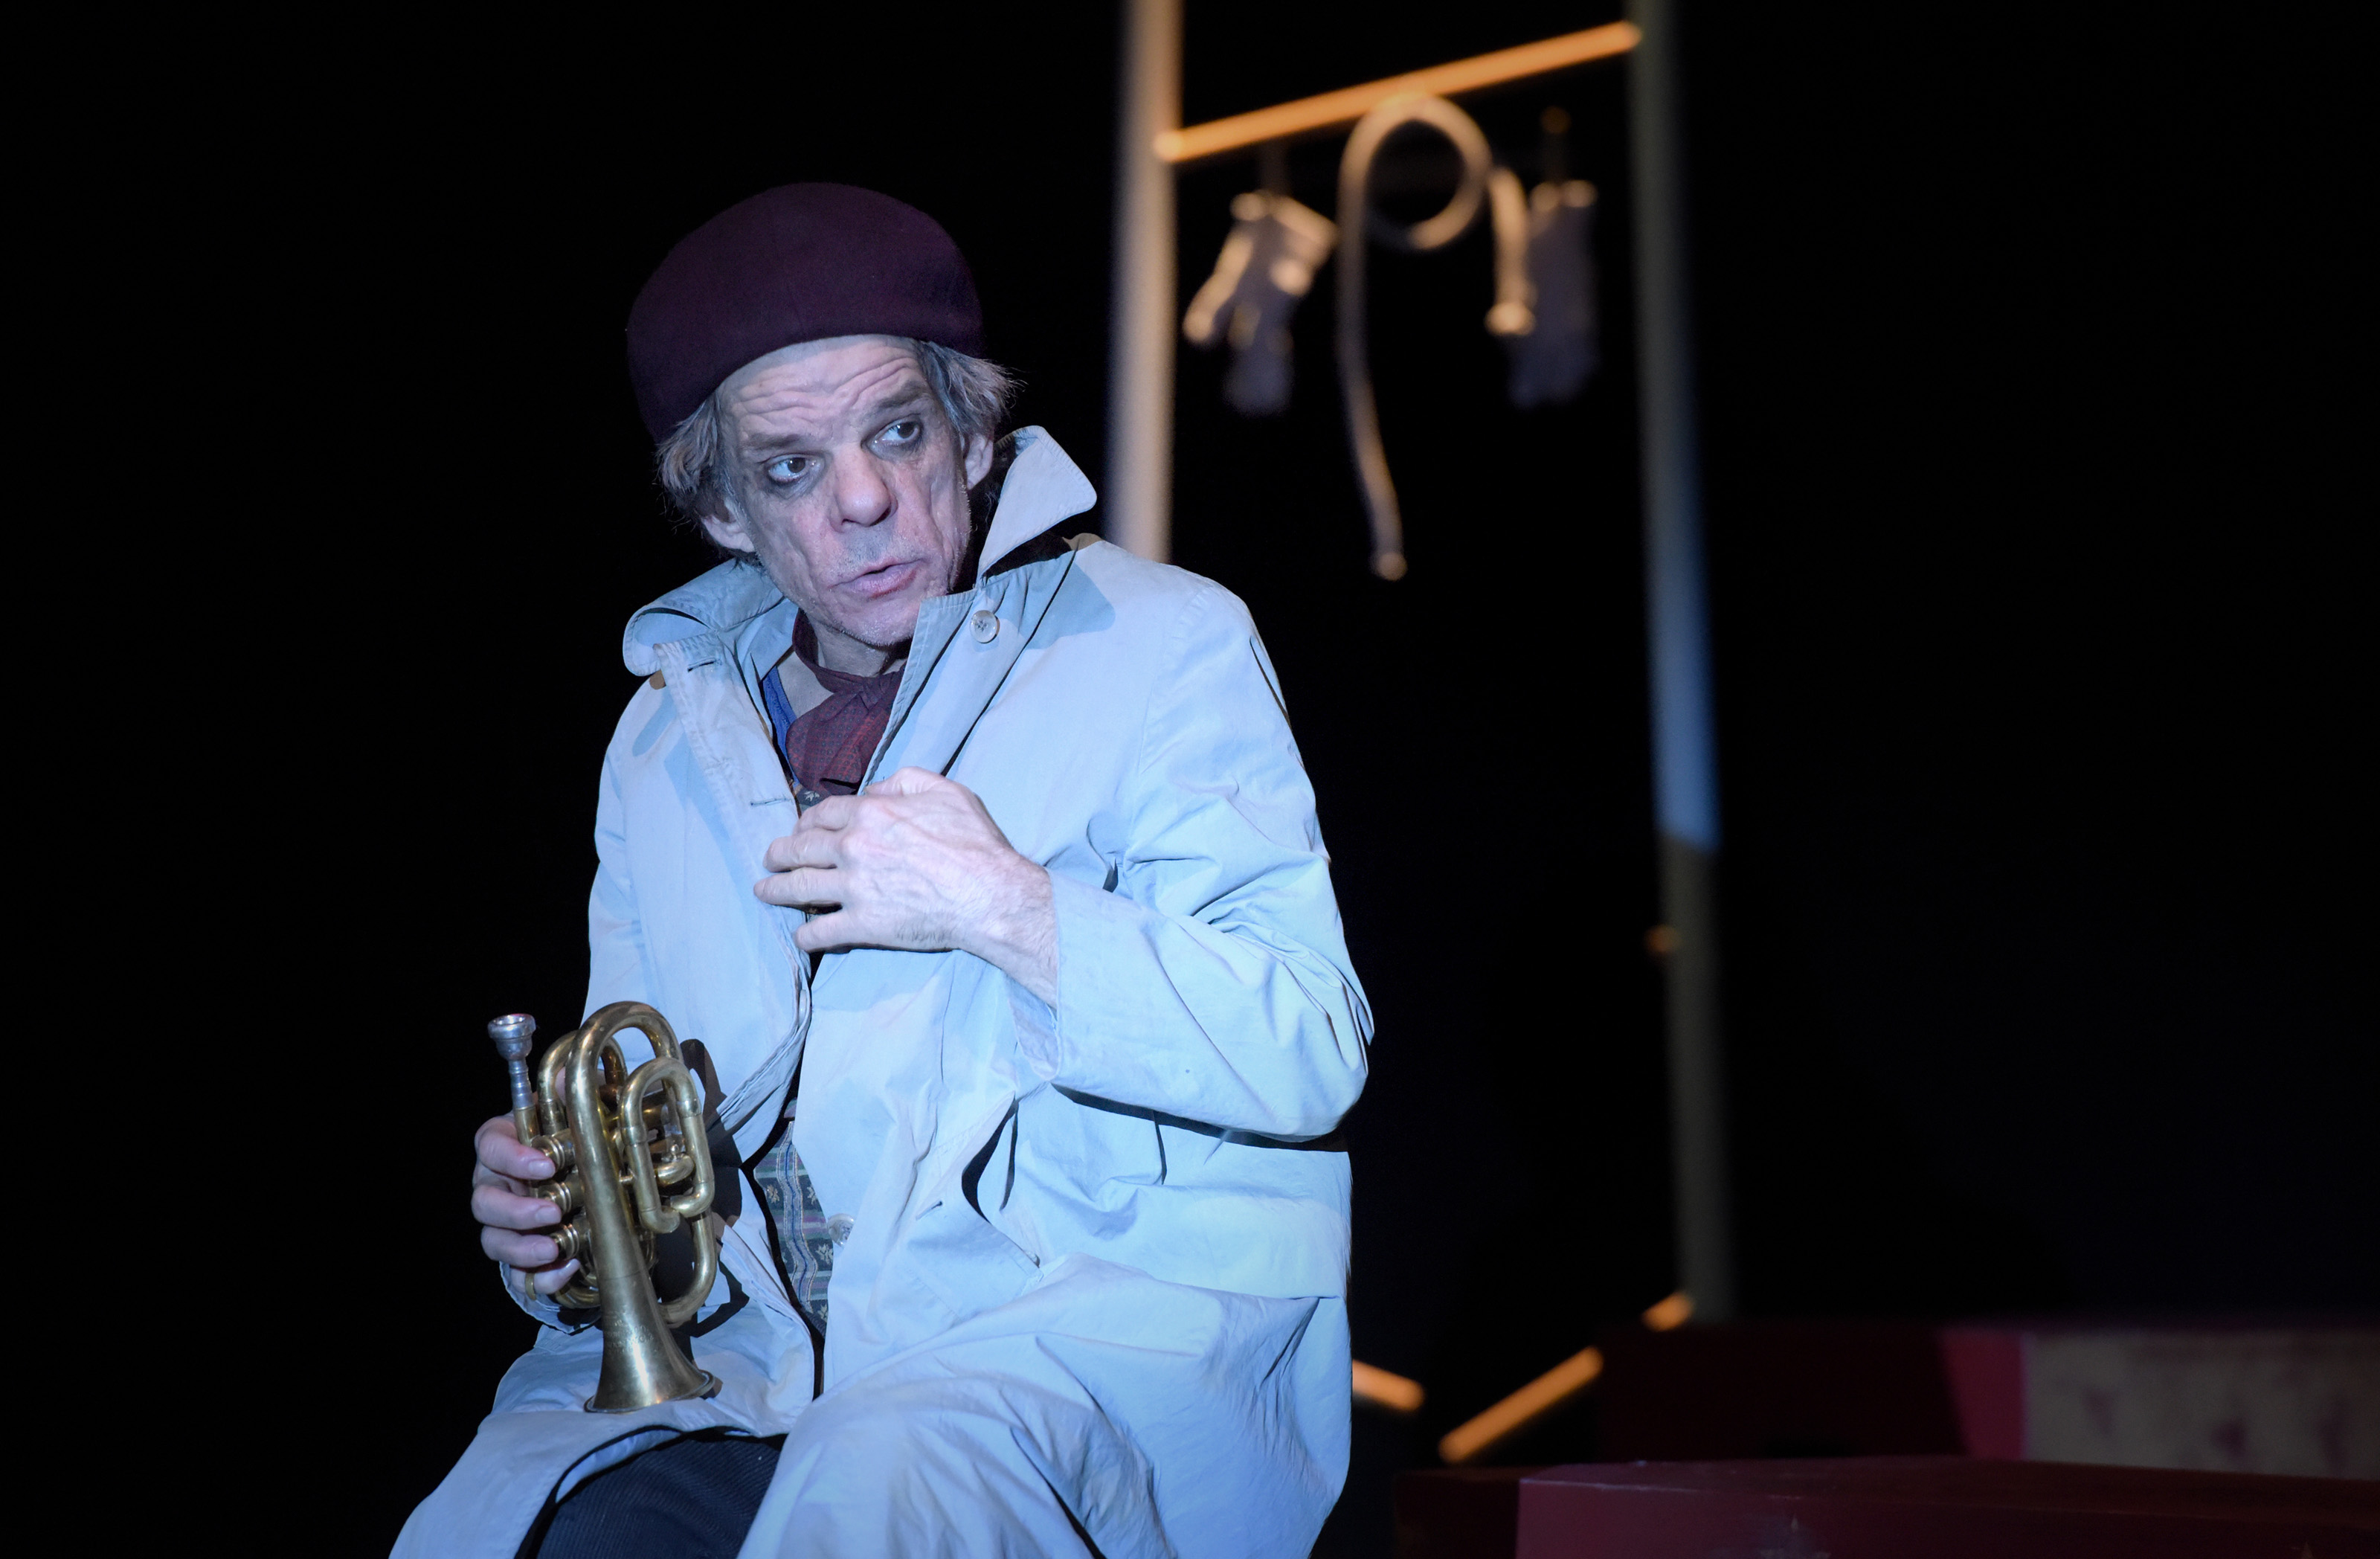 Denis Lavant dans Le Sourire au pied de l'échelle actuellement au théâtre de l'Oeuvre. Copyright Théâtre de l'Oeuvre